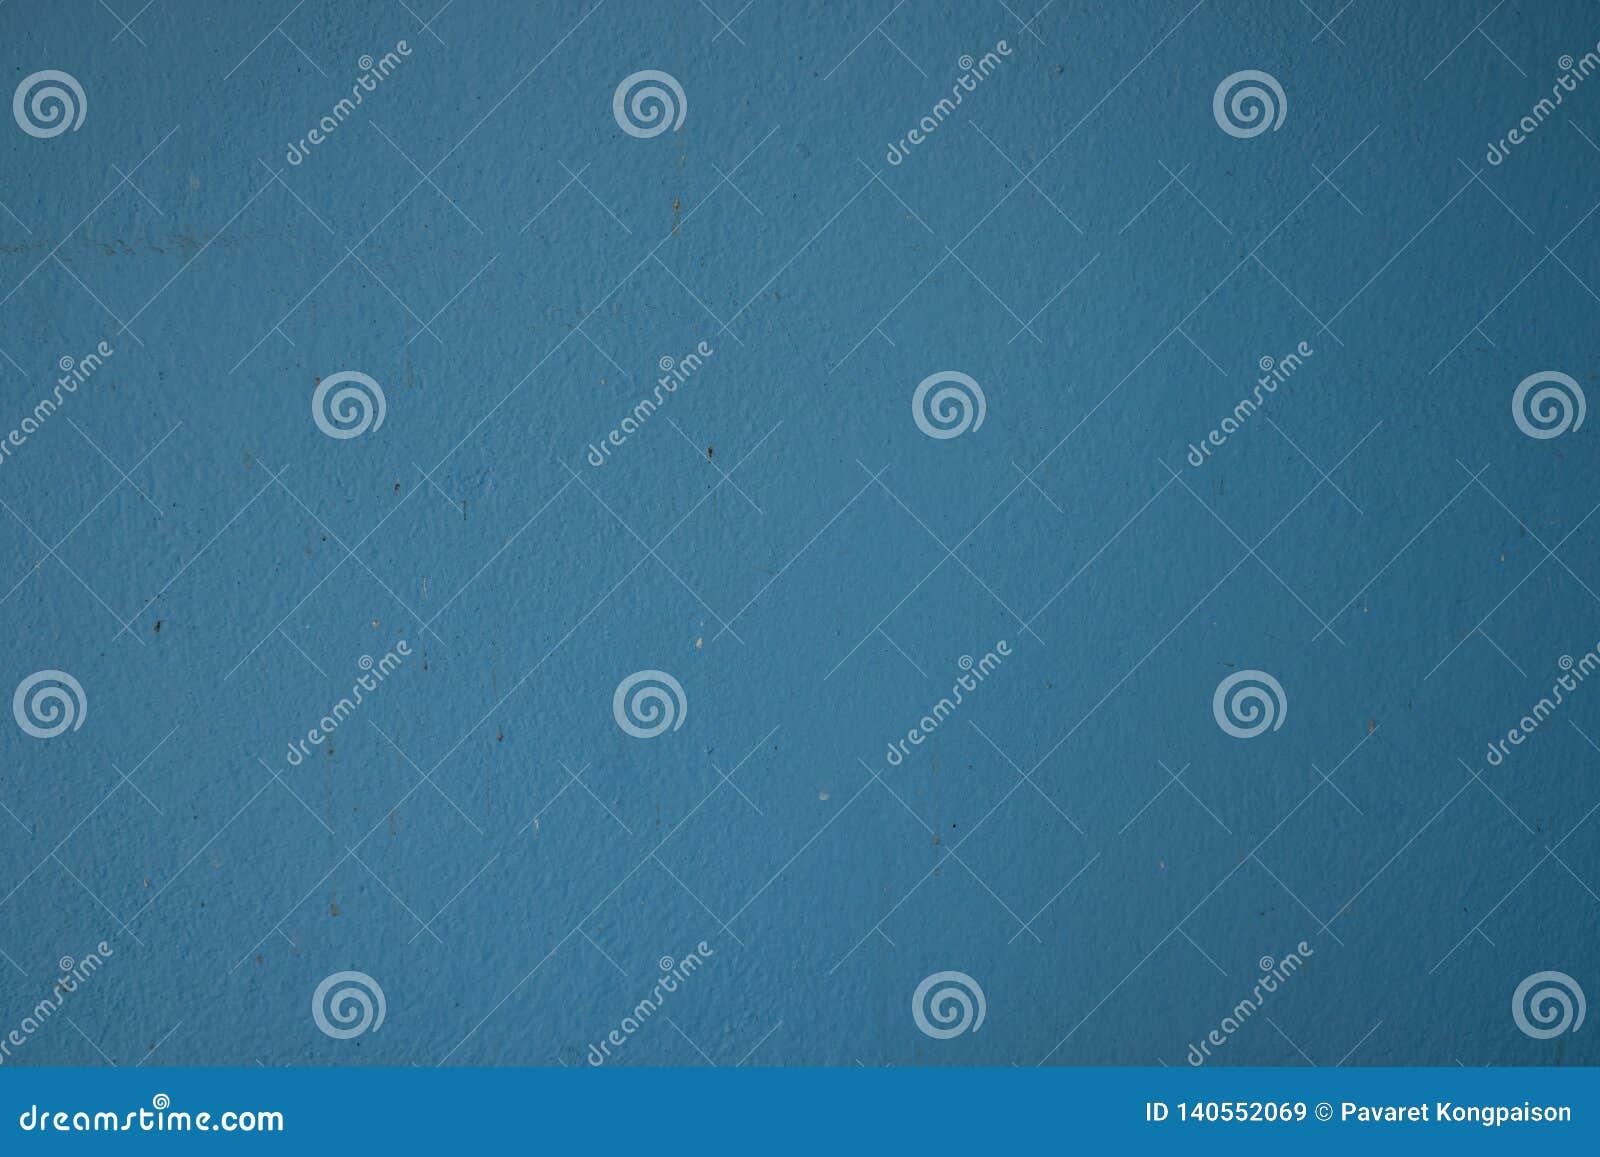 Oude lichtblauwe muuroppervlakte